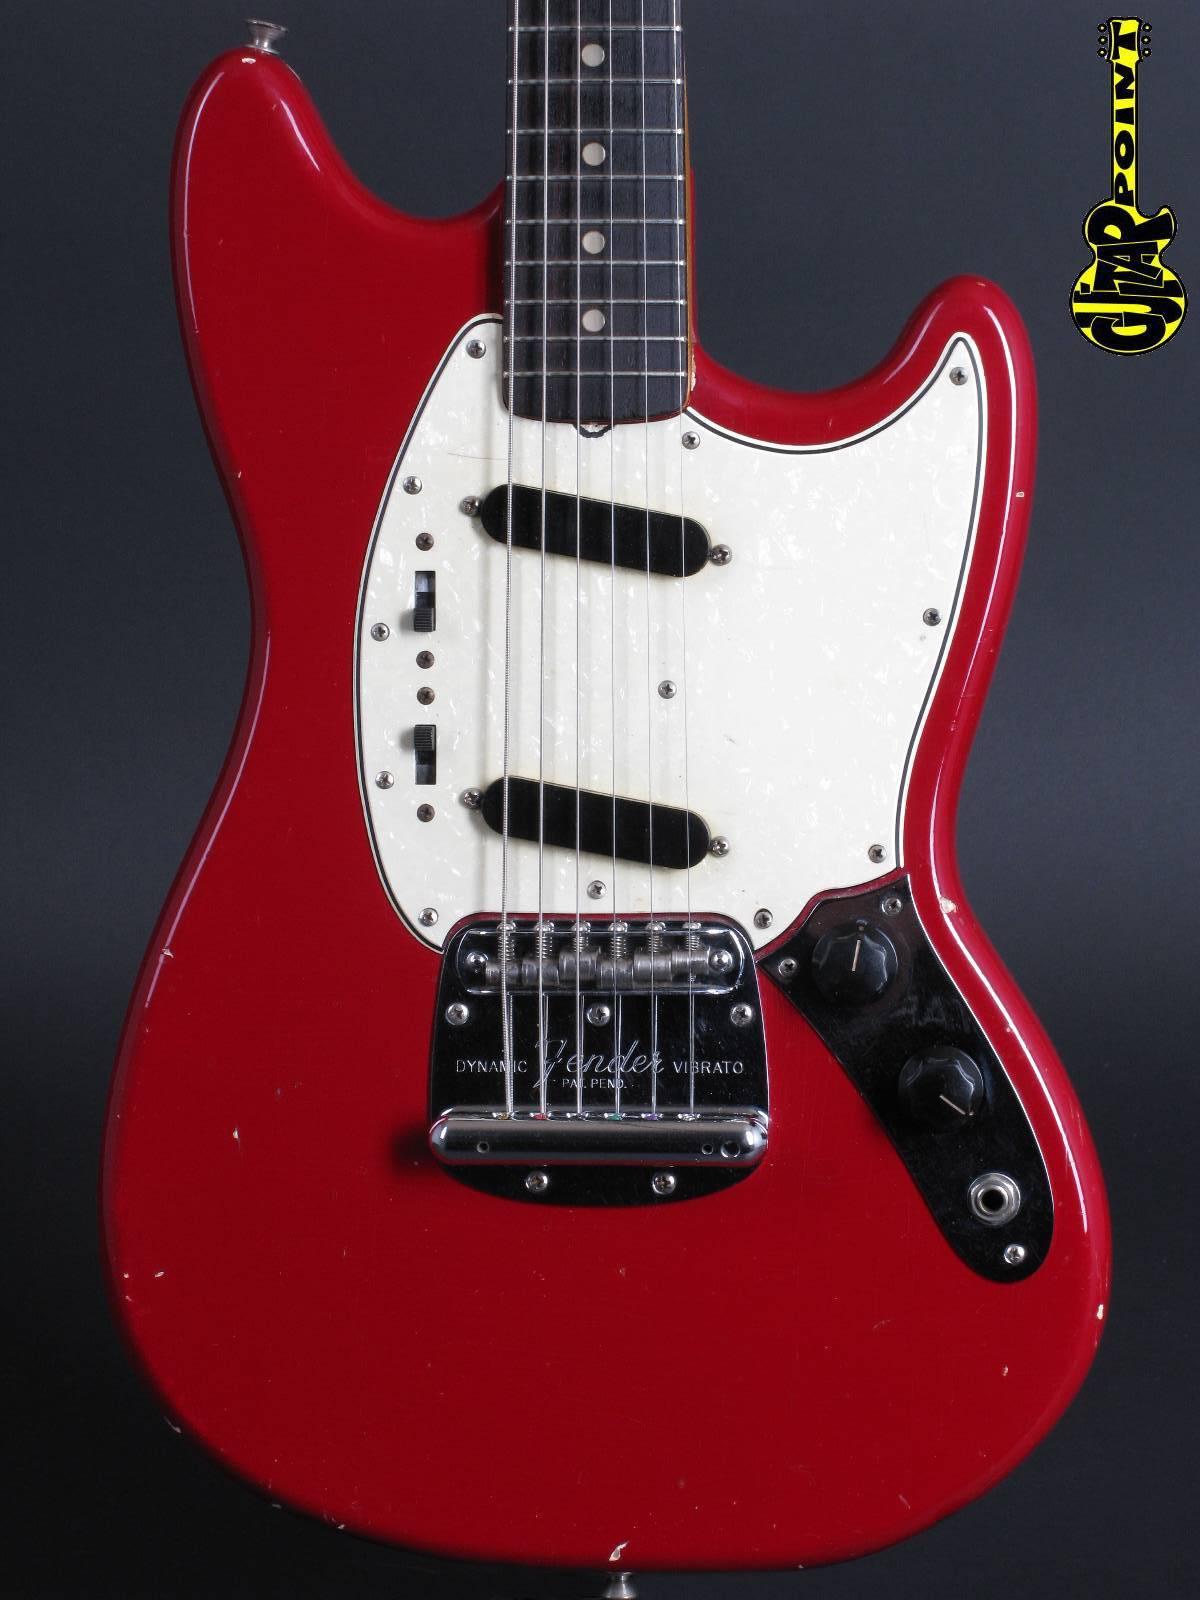 1965 Fender Mustang - Dakota Red incl. orig. Case